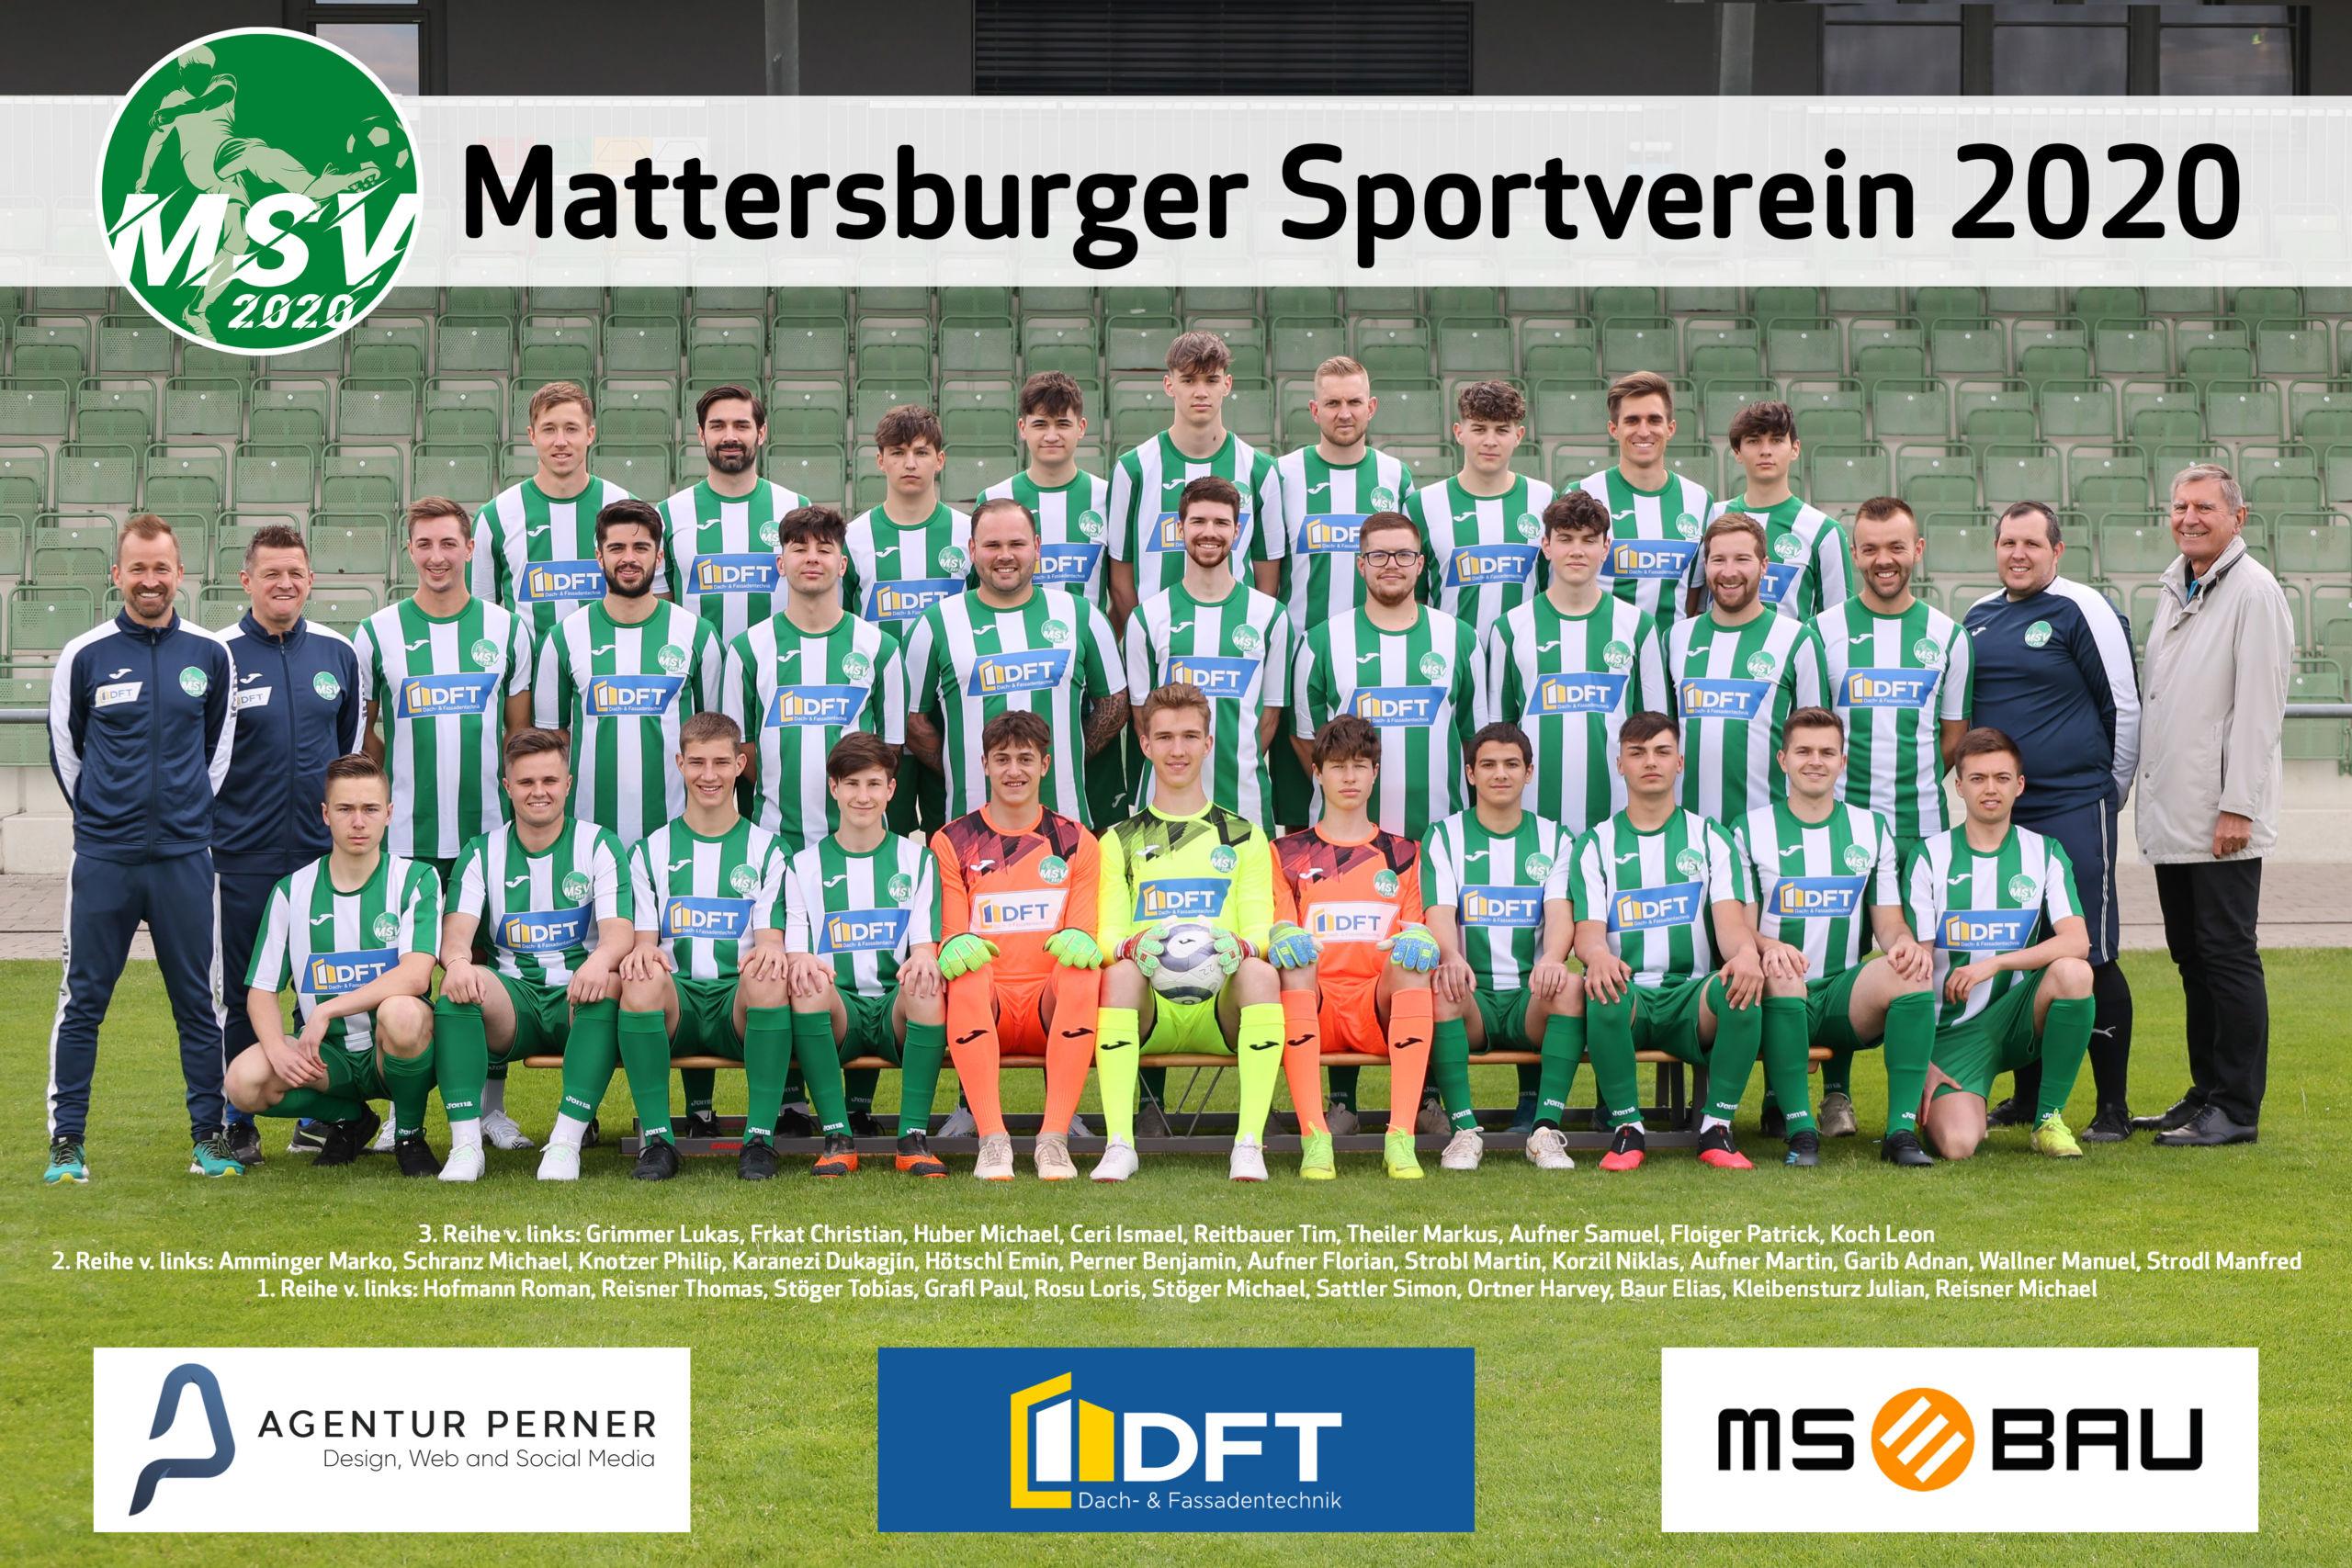 Mattersburger Sportverein 2020 - Saison 2021/22